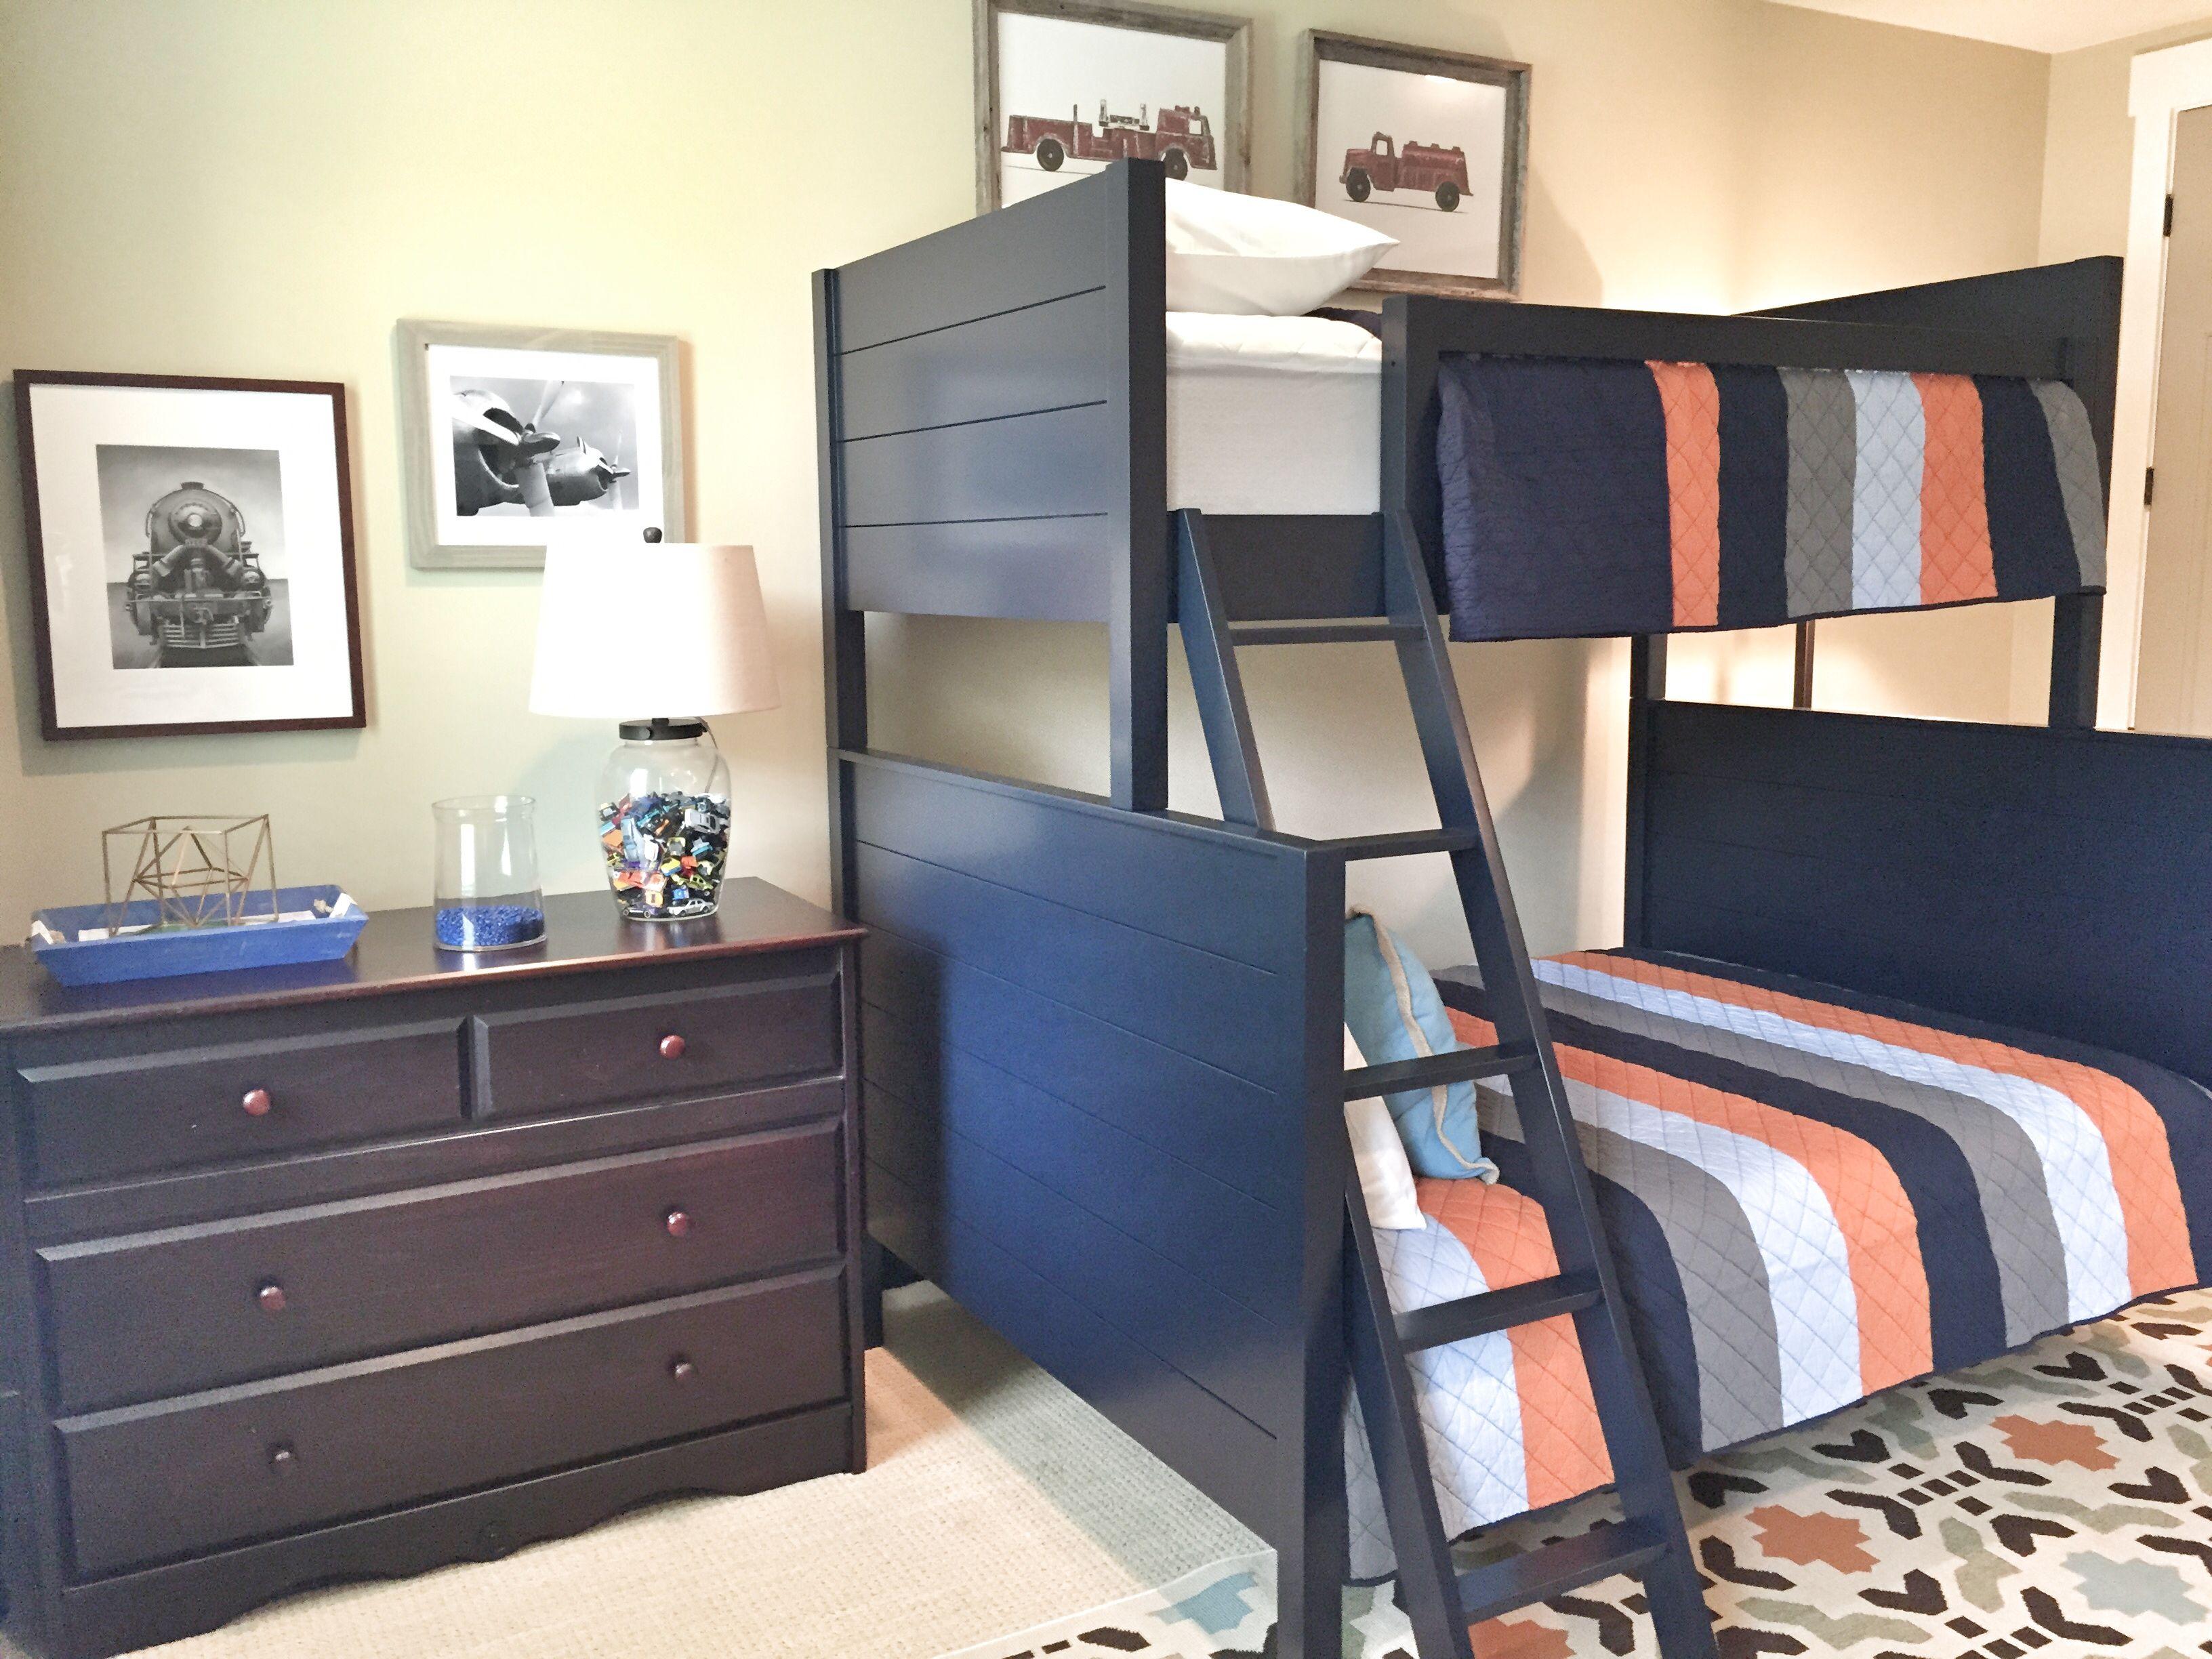 Transportation Themed Boys Bedroom in 2020 | Interior ...